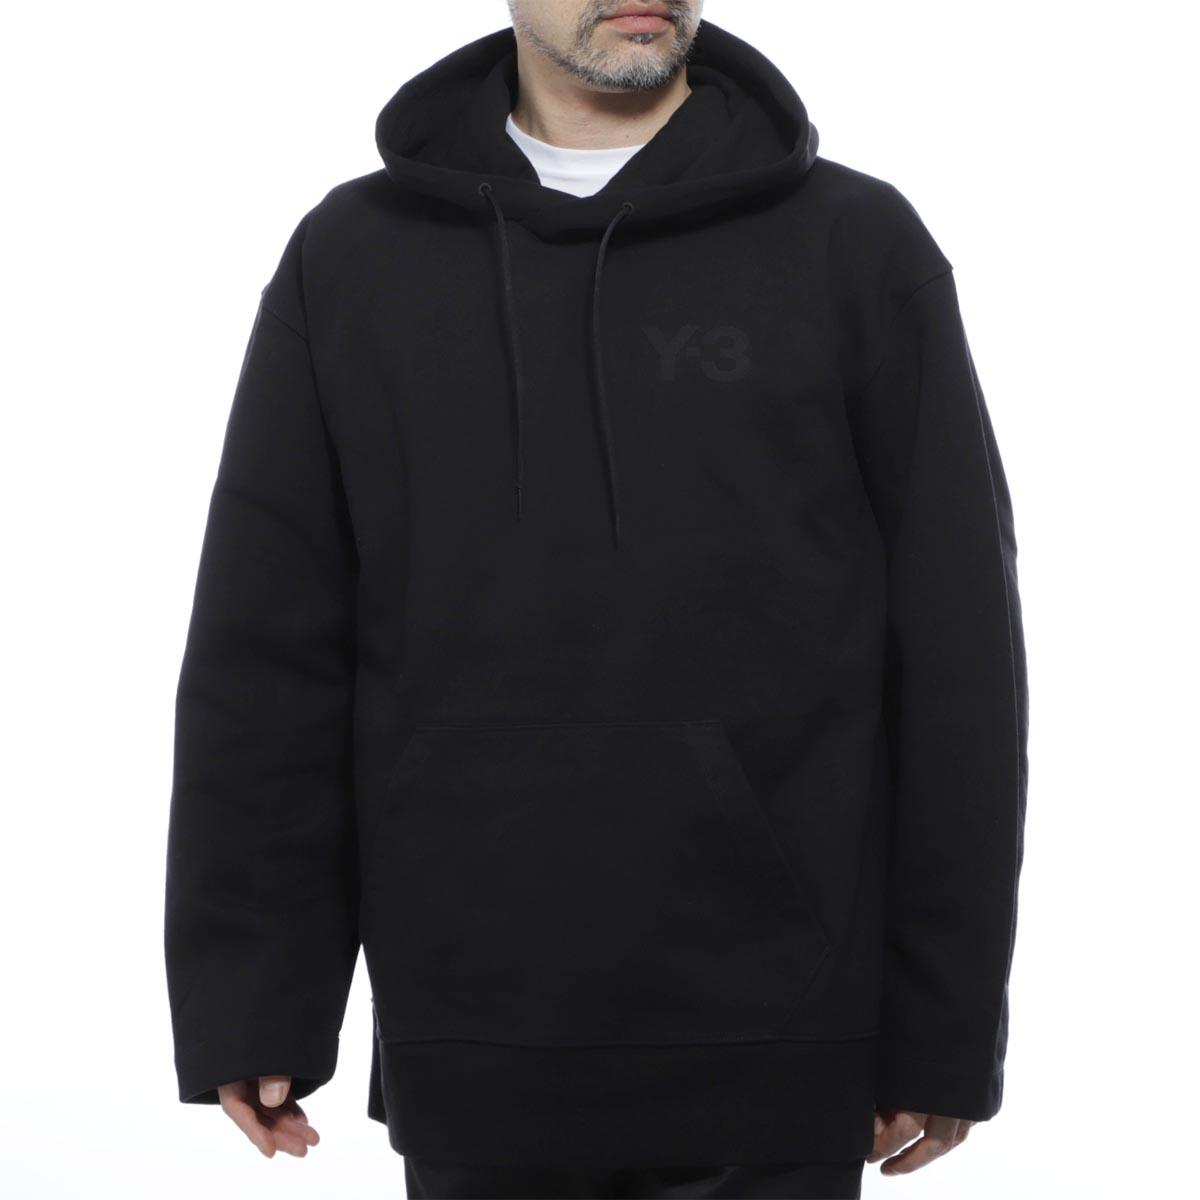 ワイスリー Y-3 パーカ ブラック メンズ フーディ fn3379 black CLASSIC LOGO HOODIE【あす楽対応_関東】【返品送料無料】【ラッピング無料】